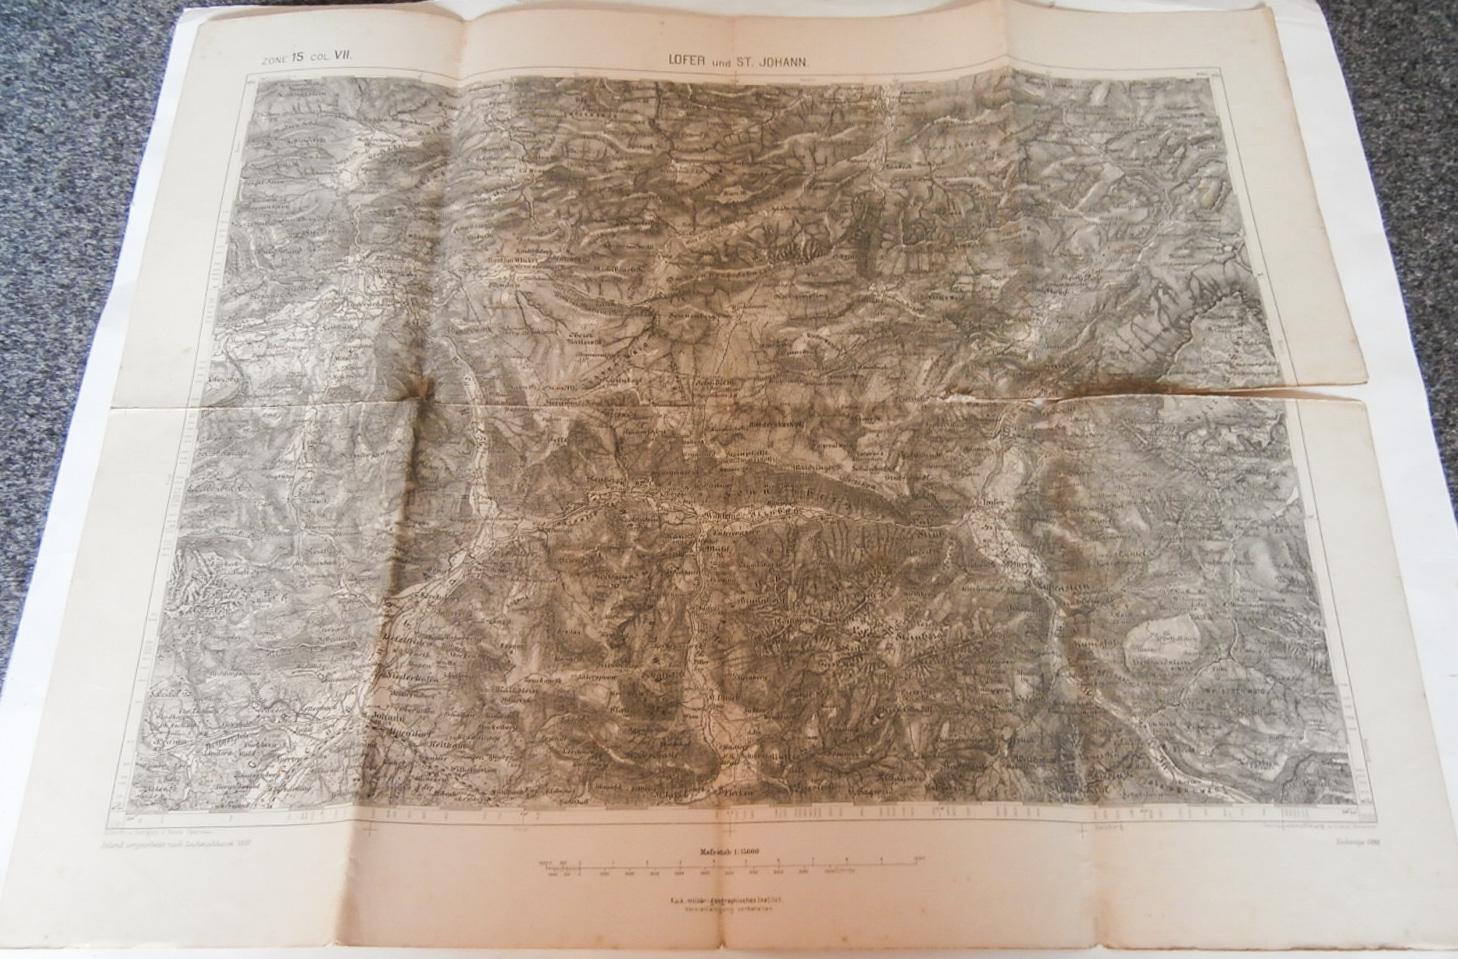 Lofer und St. Johann Österreich Austria Karte map 1890